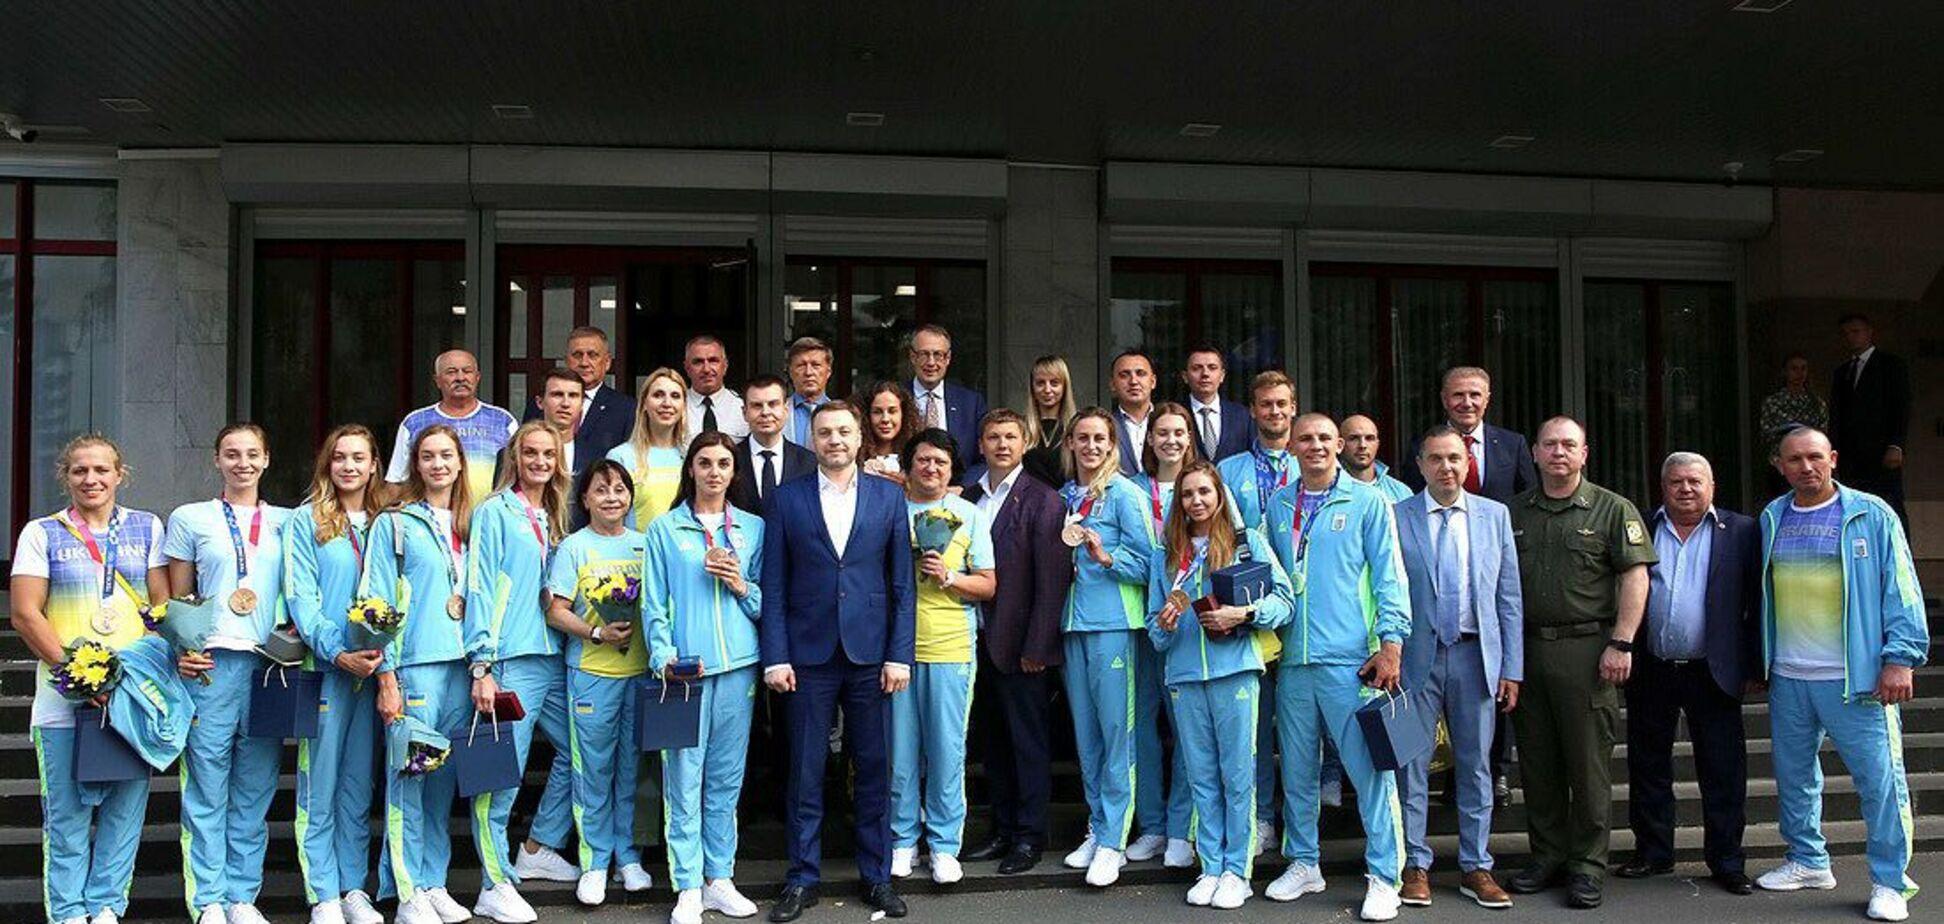 Міністр внітрішніх справ нагородив олімпійців, які представляють підрозділи системи МВС України